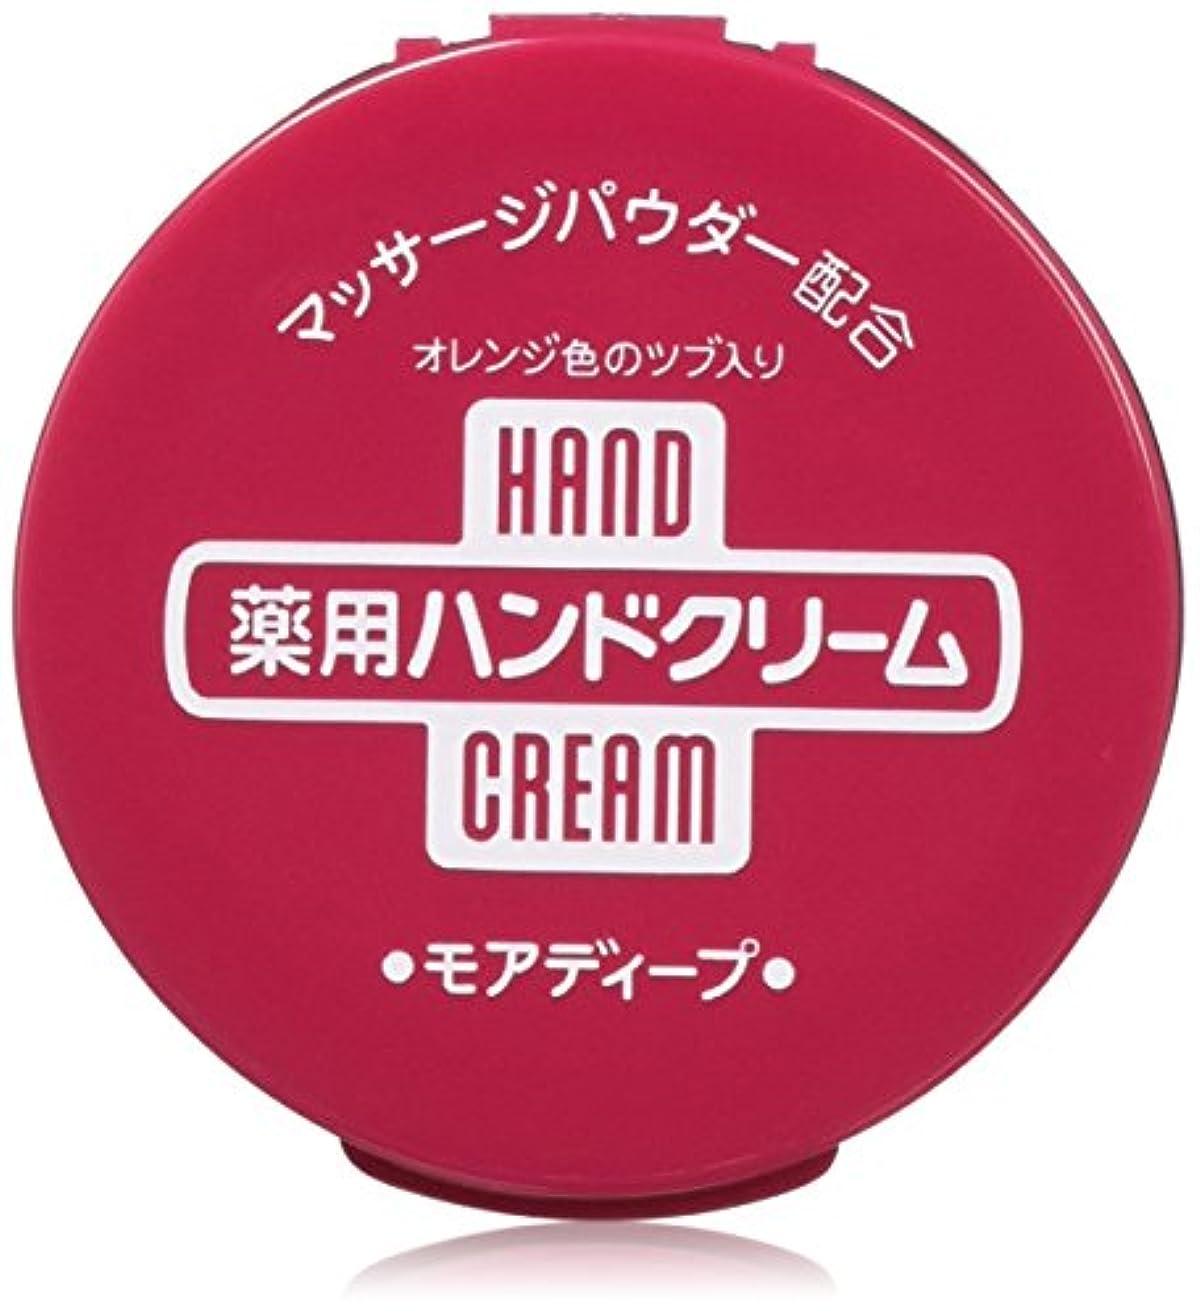 アソシエイト富しなやか【まとめ買い】薬用ハンドクリーム モアディープ 100g×12個